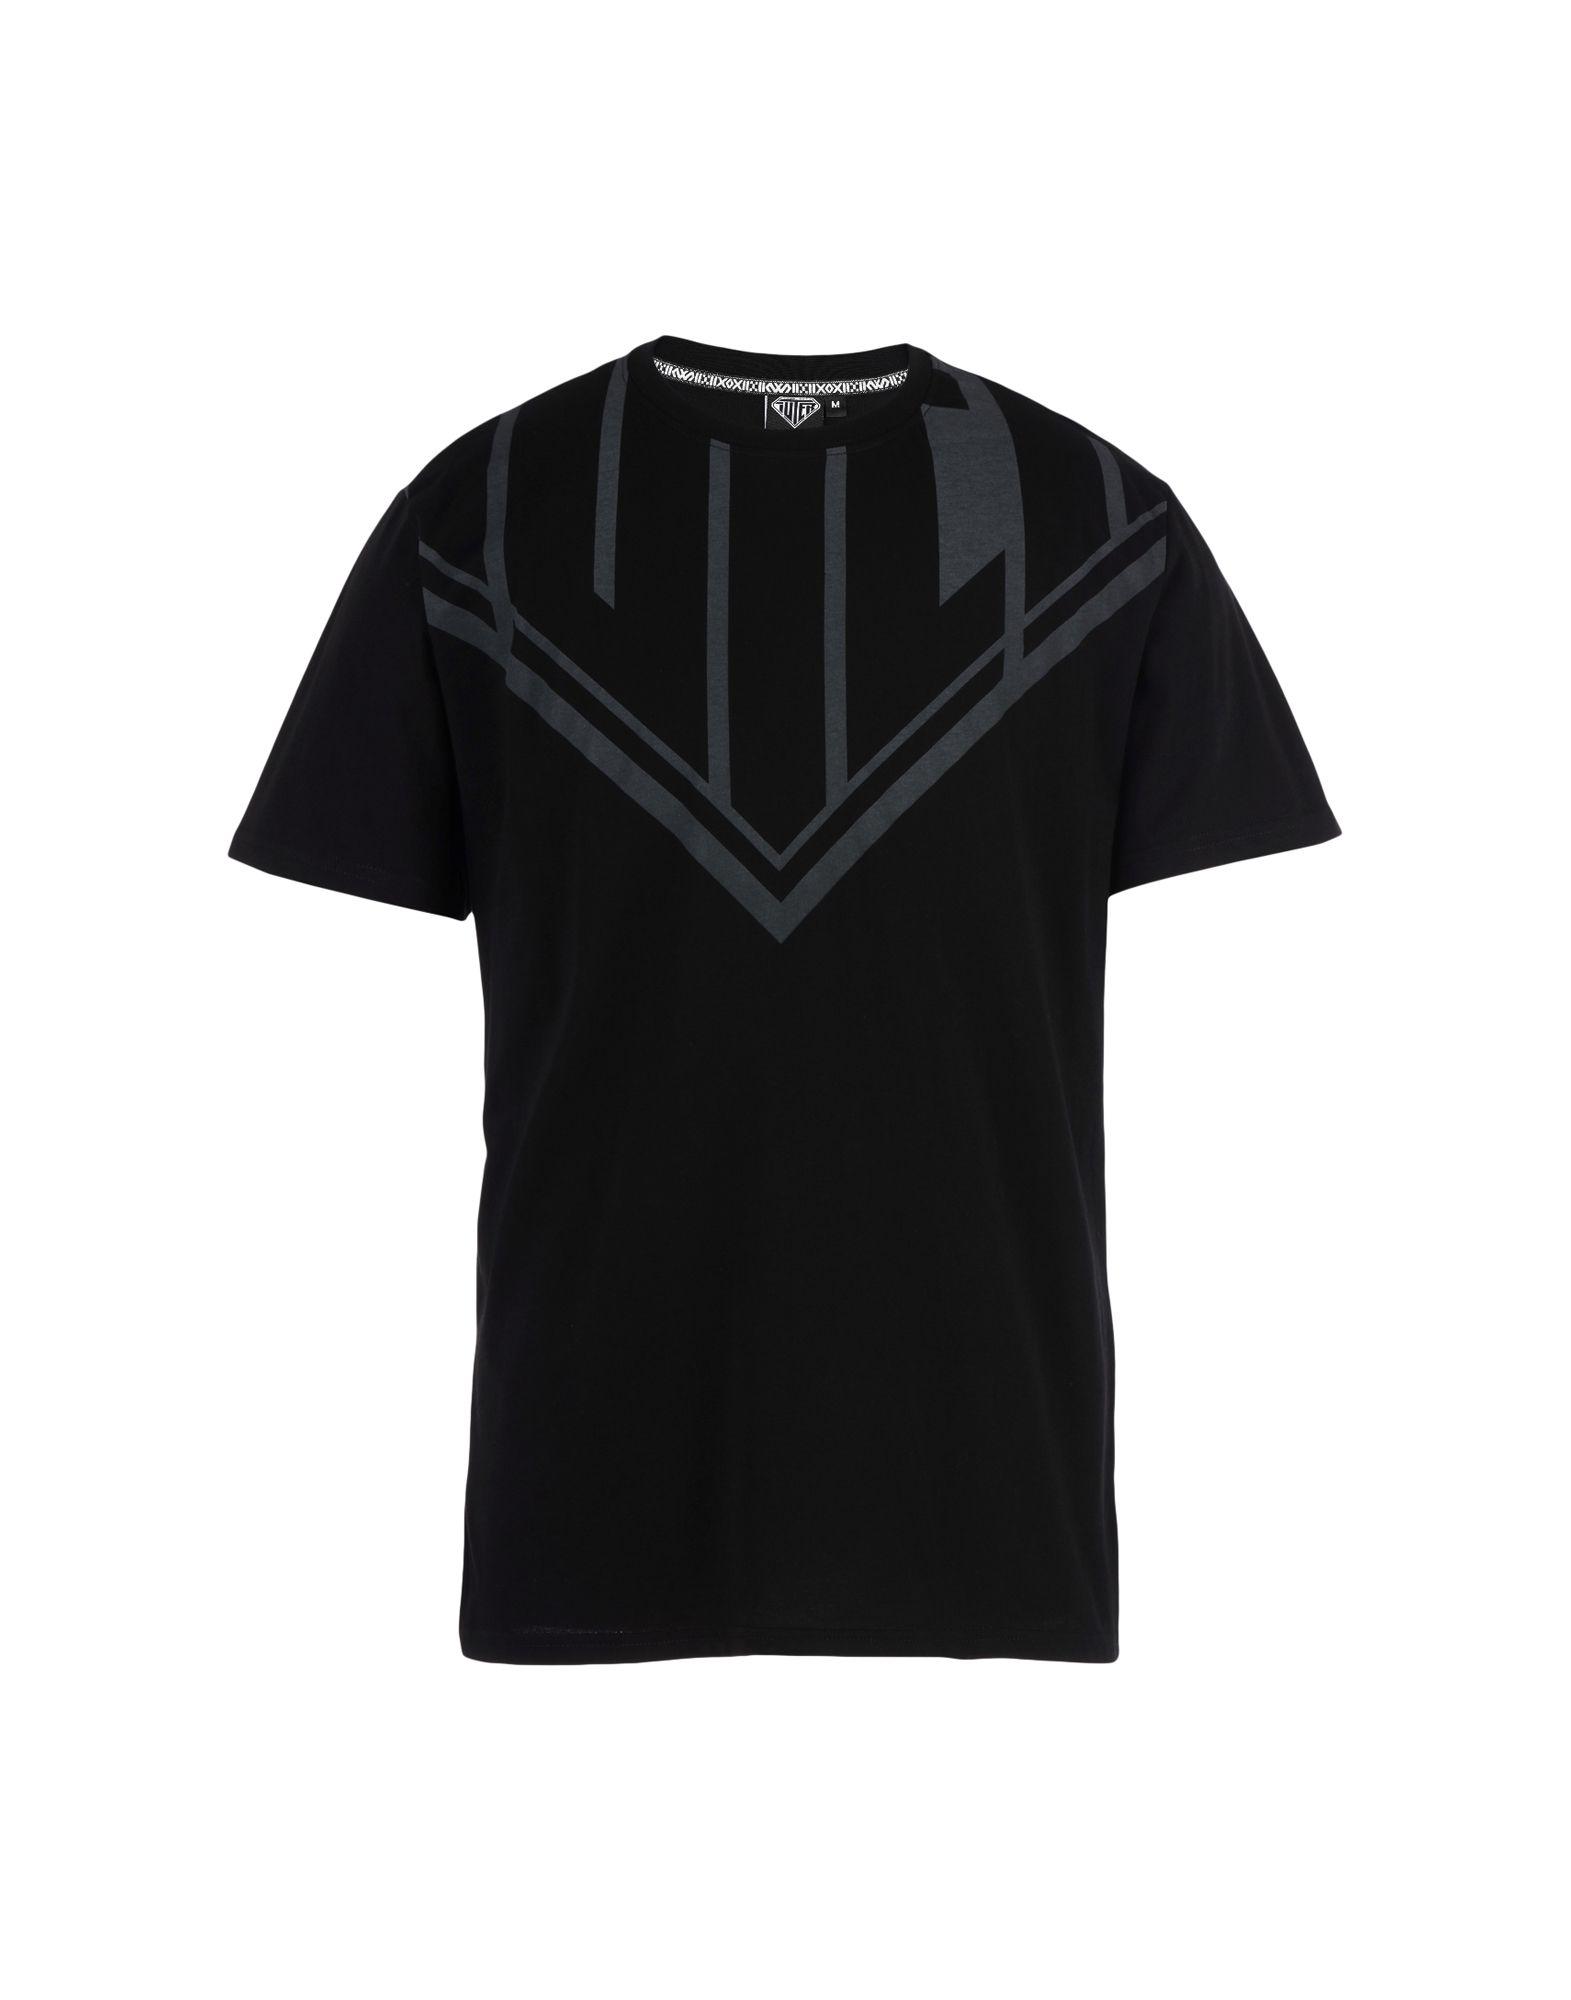 《送料無料》IUTER メンズ T シャツ ブラック L コットン 100% MEGALOGO TEE SCREEN PRINTED T-SHIRT